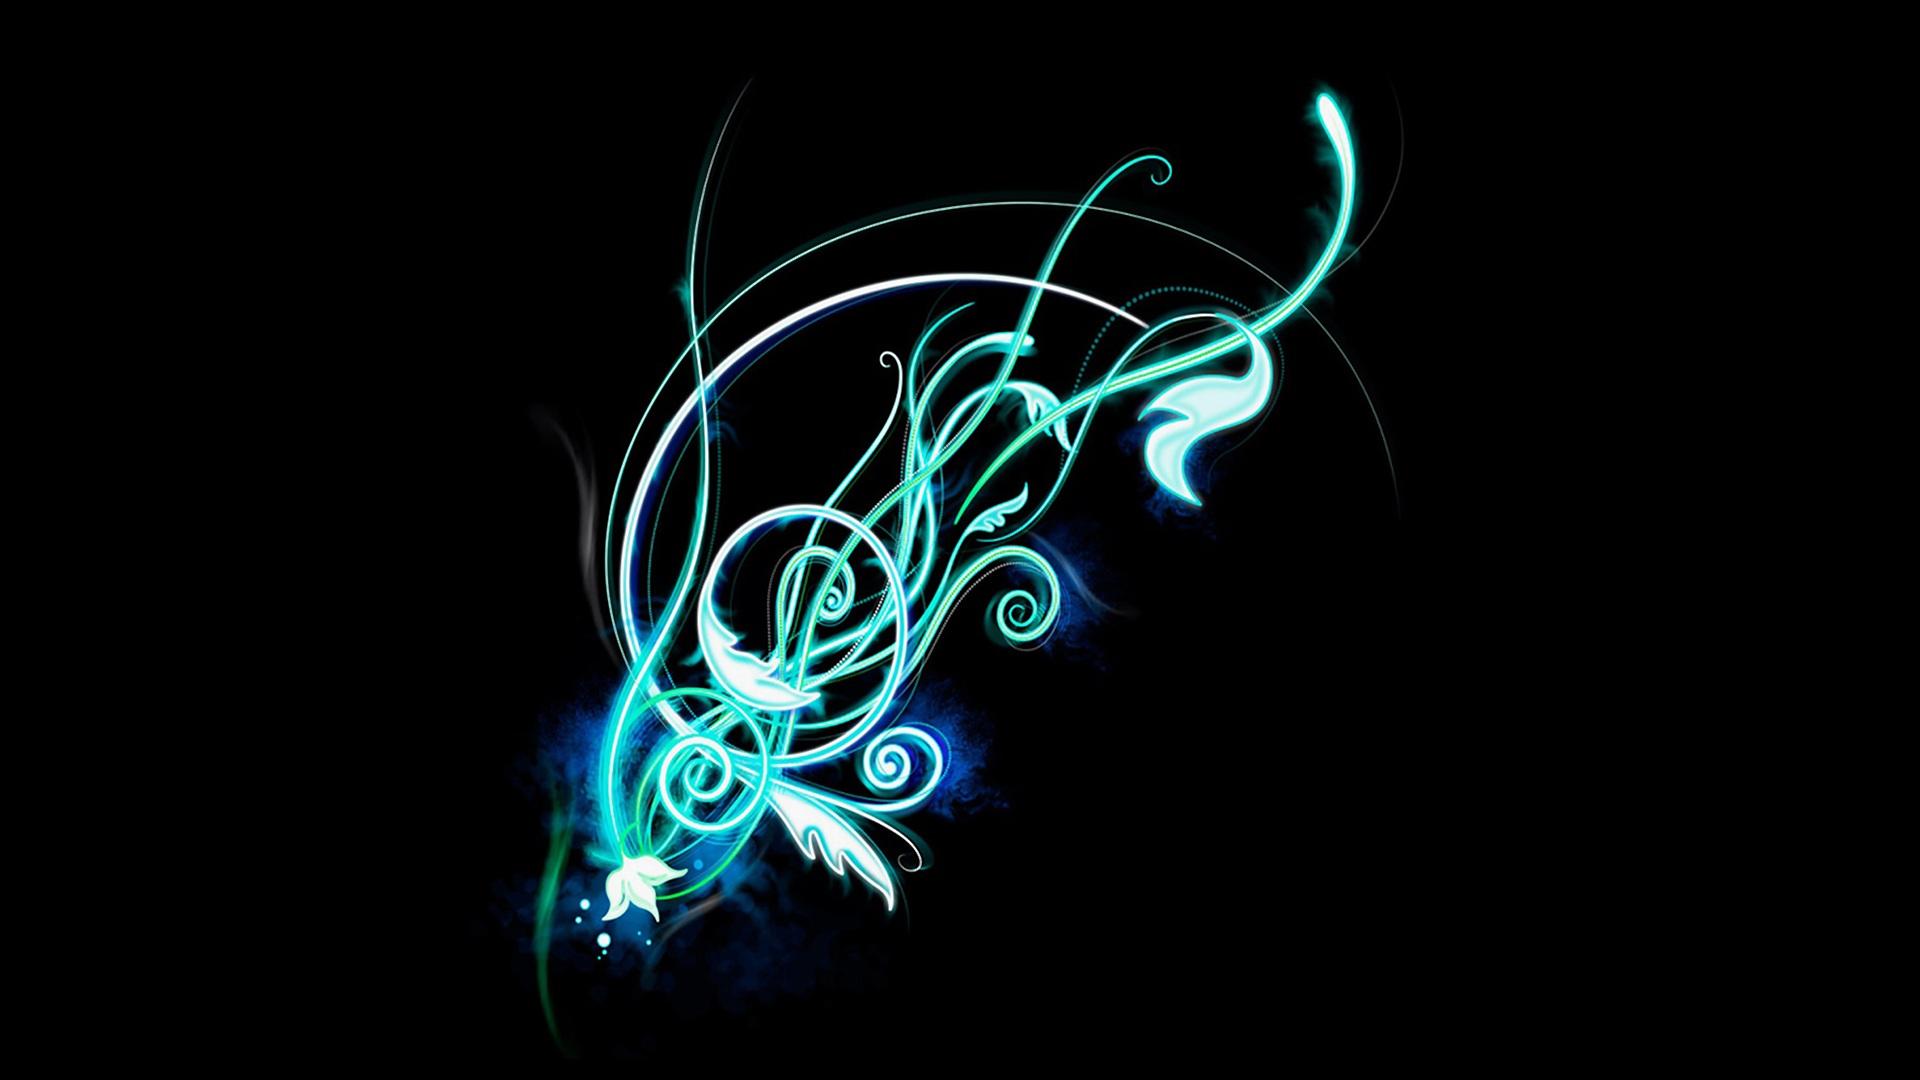 Intricate Glowing Pattern